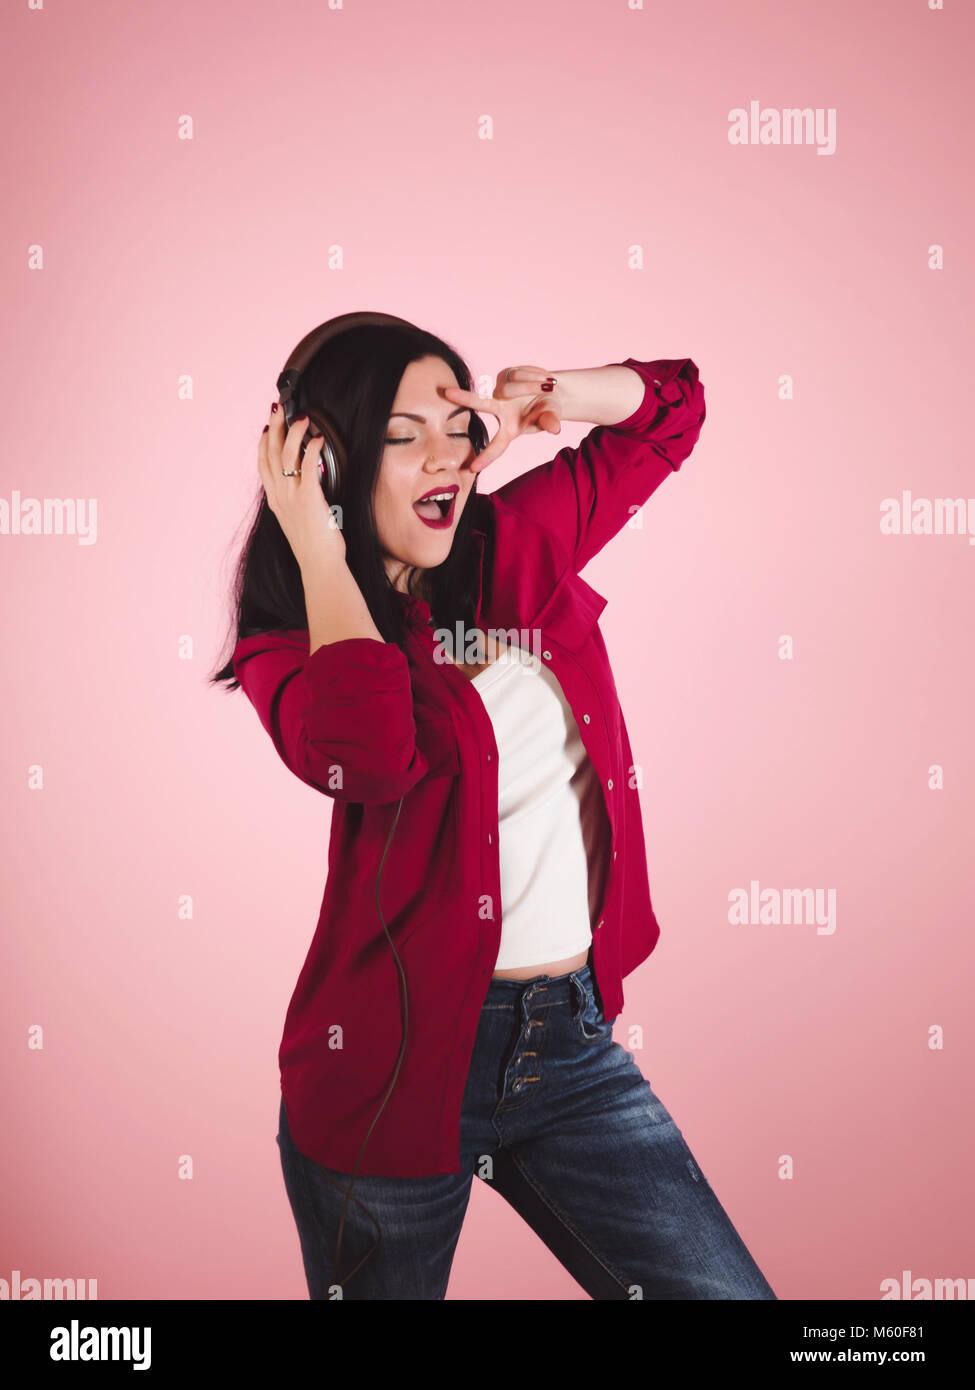 La gioia e la musica. Studio colorato ritratto di felice bruna giovane  donna con gli auricolari è ballare e cantare su sfondo rosa. 2b06c3a33baa